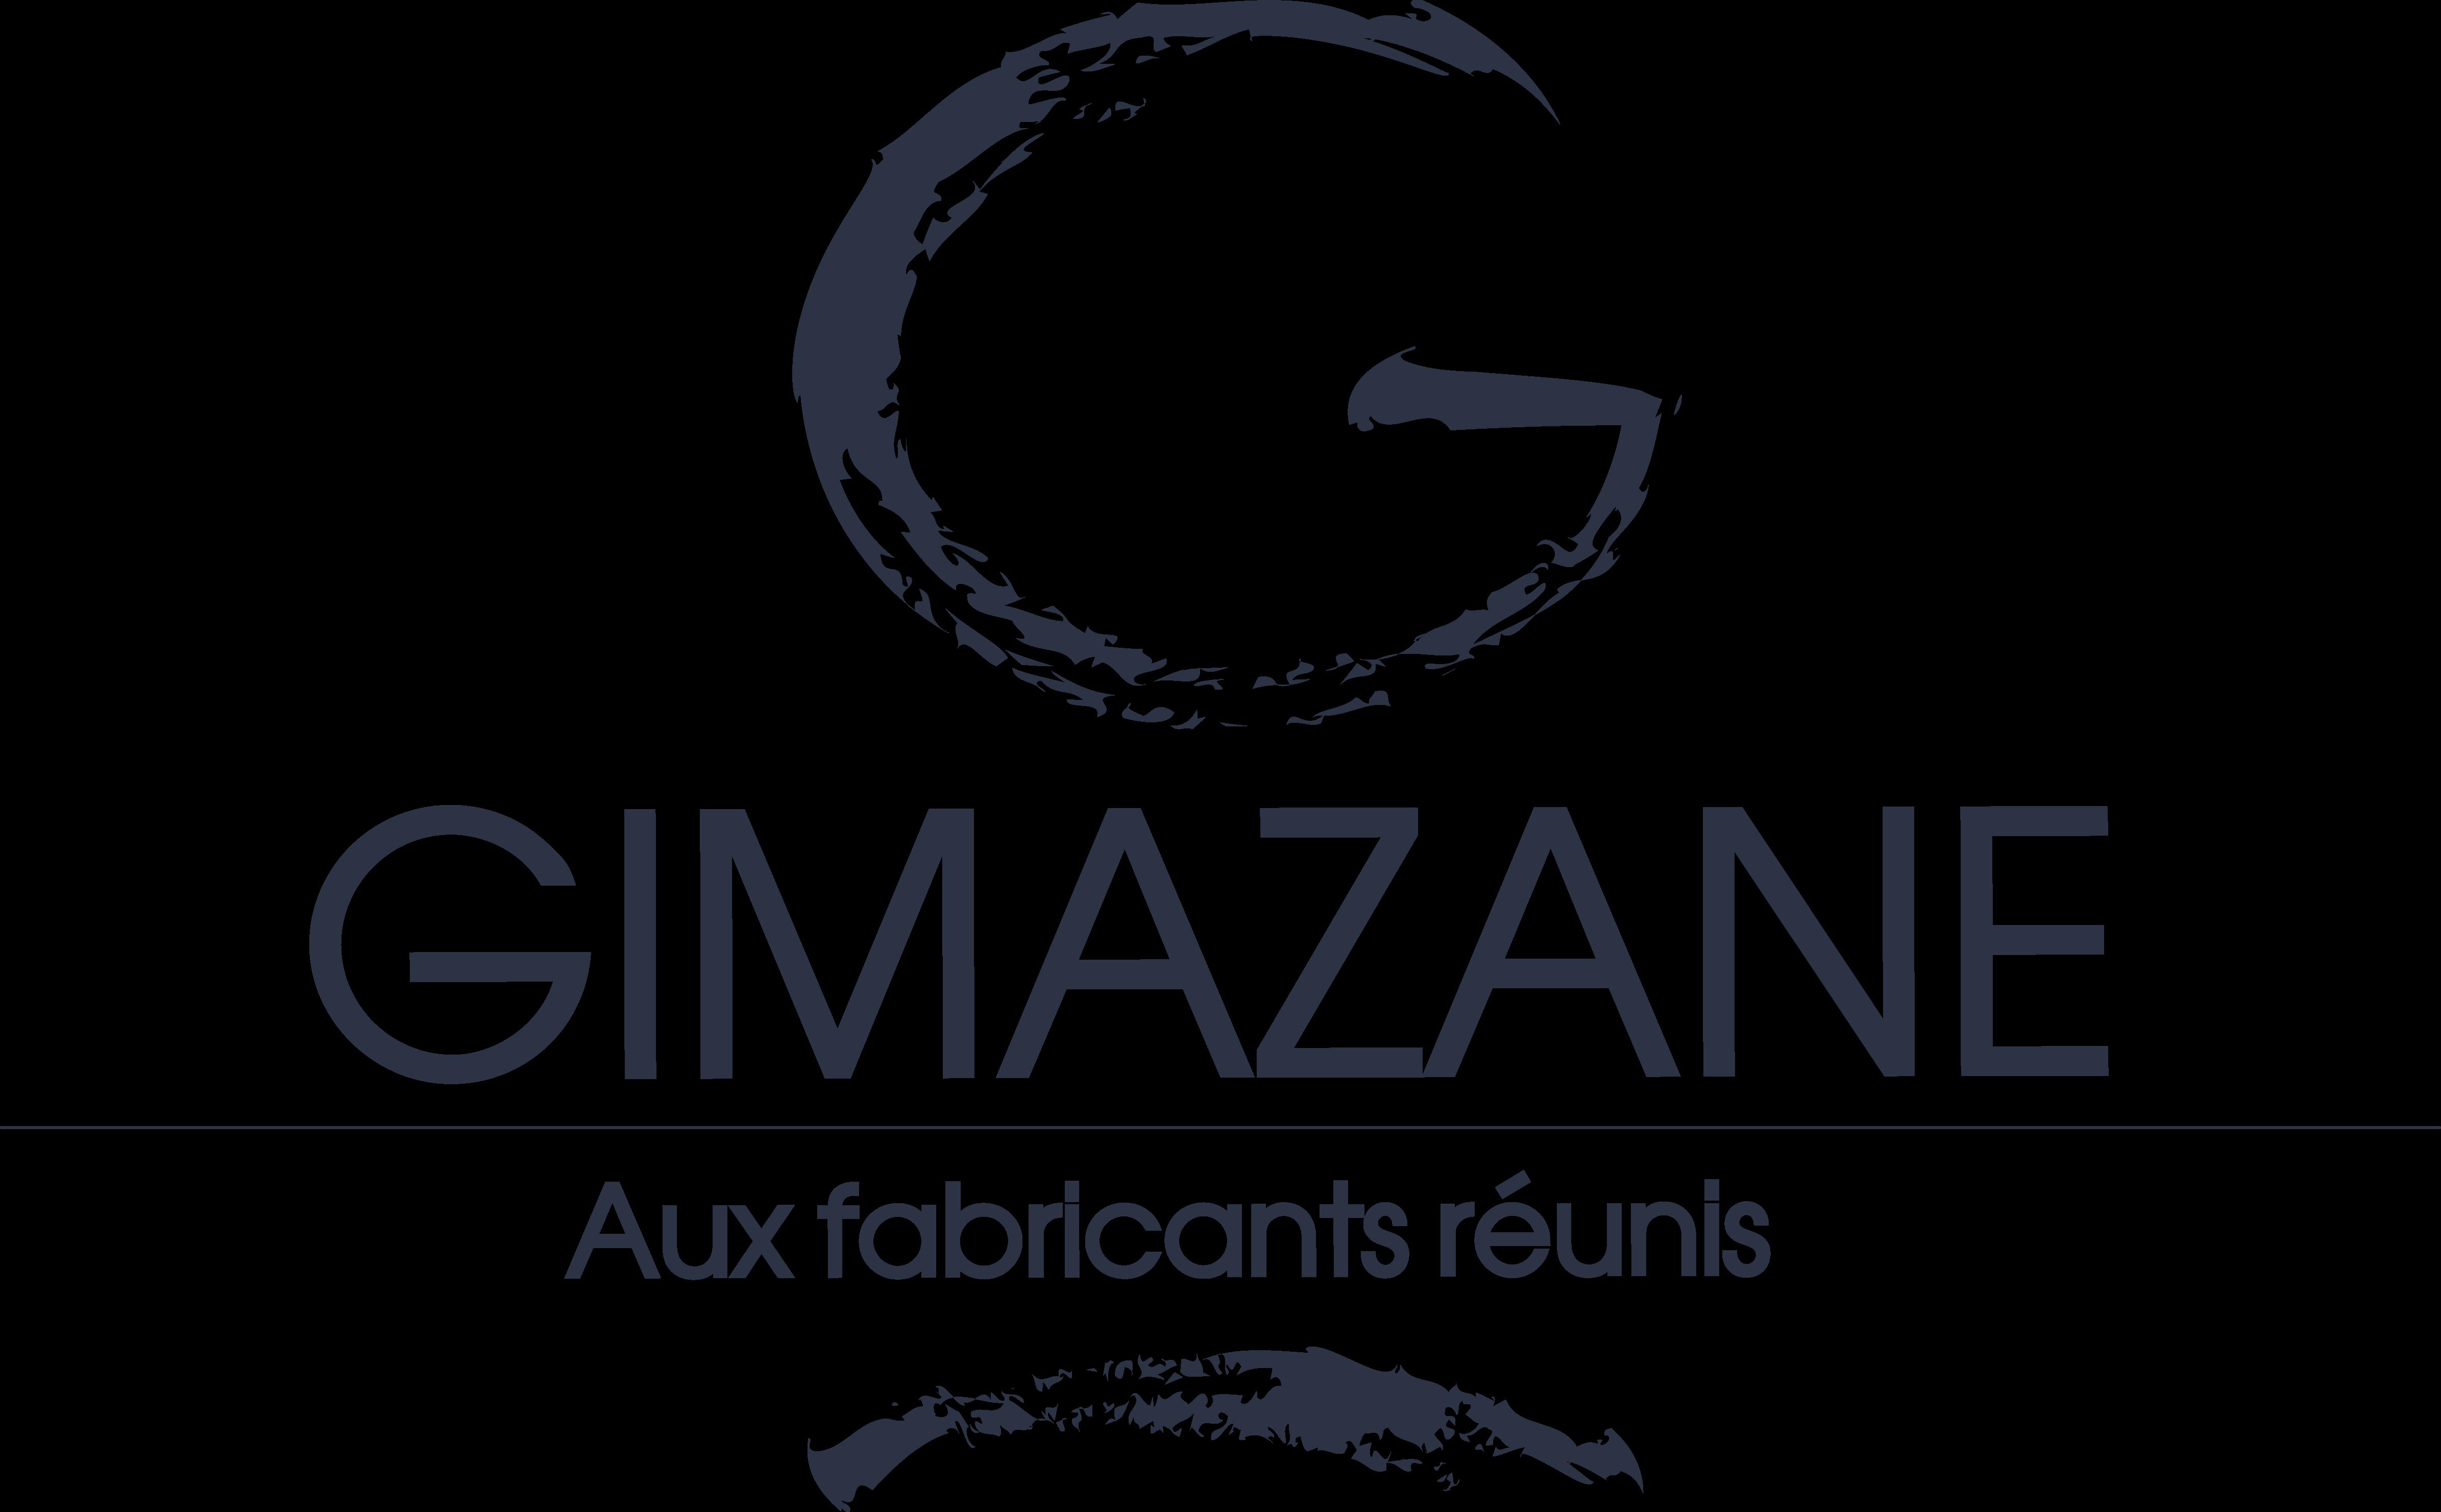 Meubles Gimazane